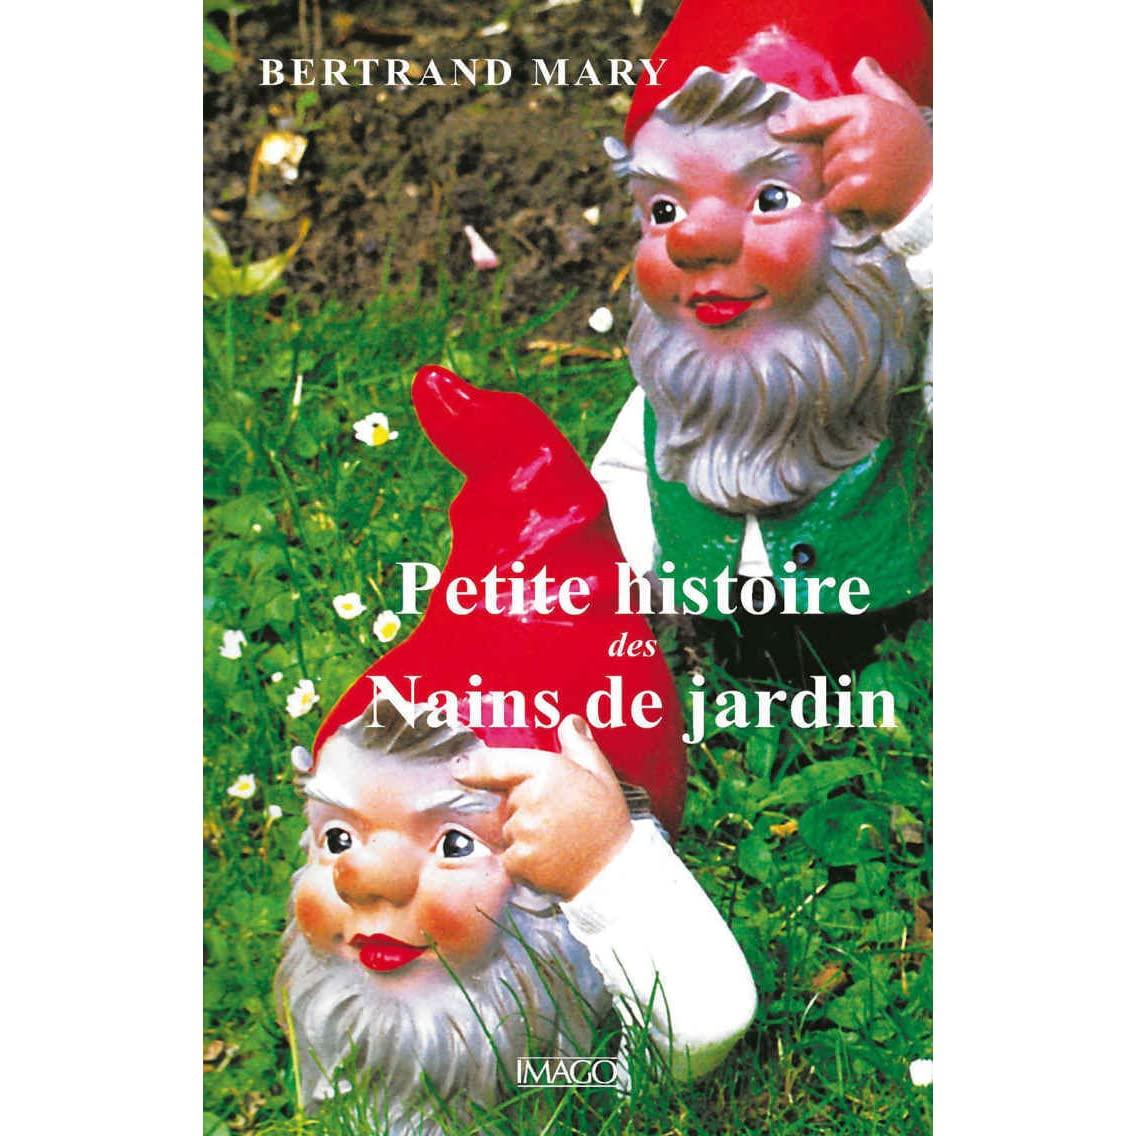 Petite Histoire Des Nains De Jardin By Bertrand Mary pour L'histoire Du Nain De Jardin